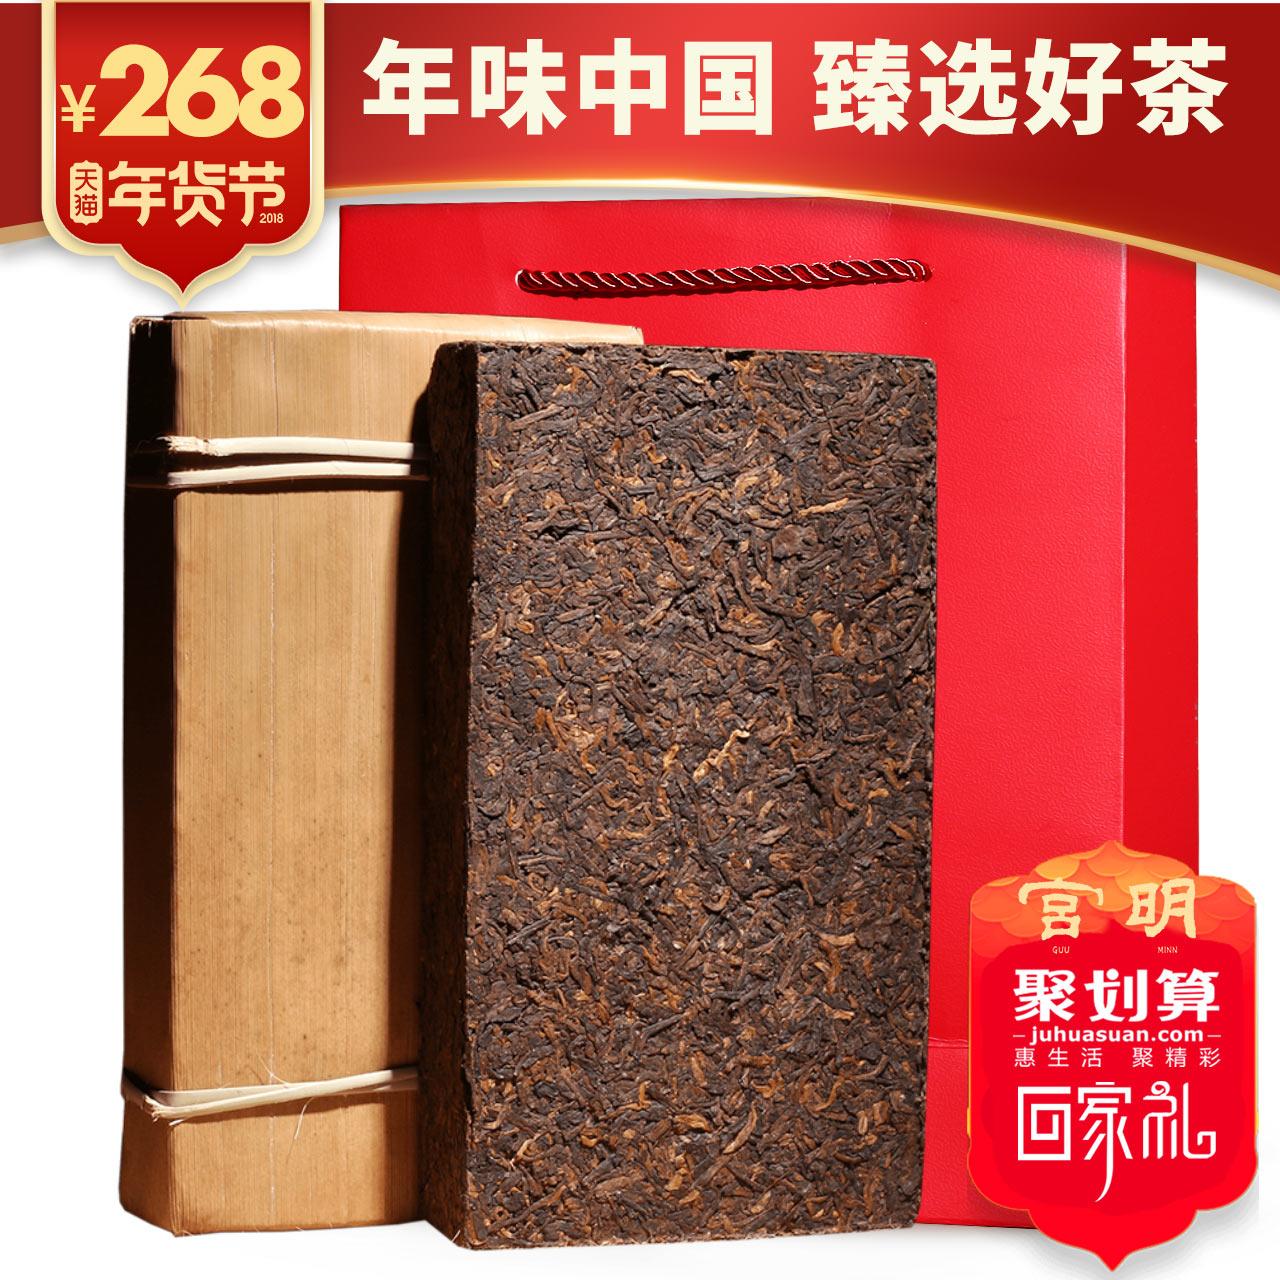 宫明茶叶 云南 普洱茶熟茶 2009年易武古树茶砖 砖茶500g